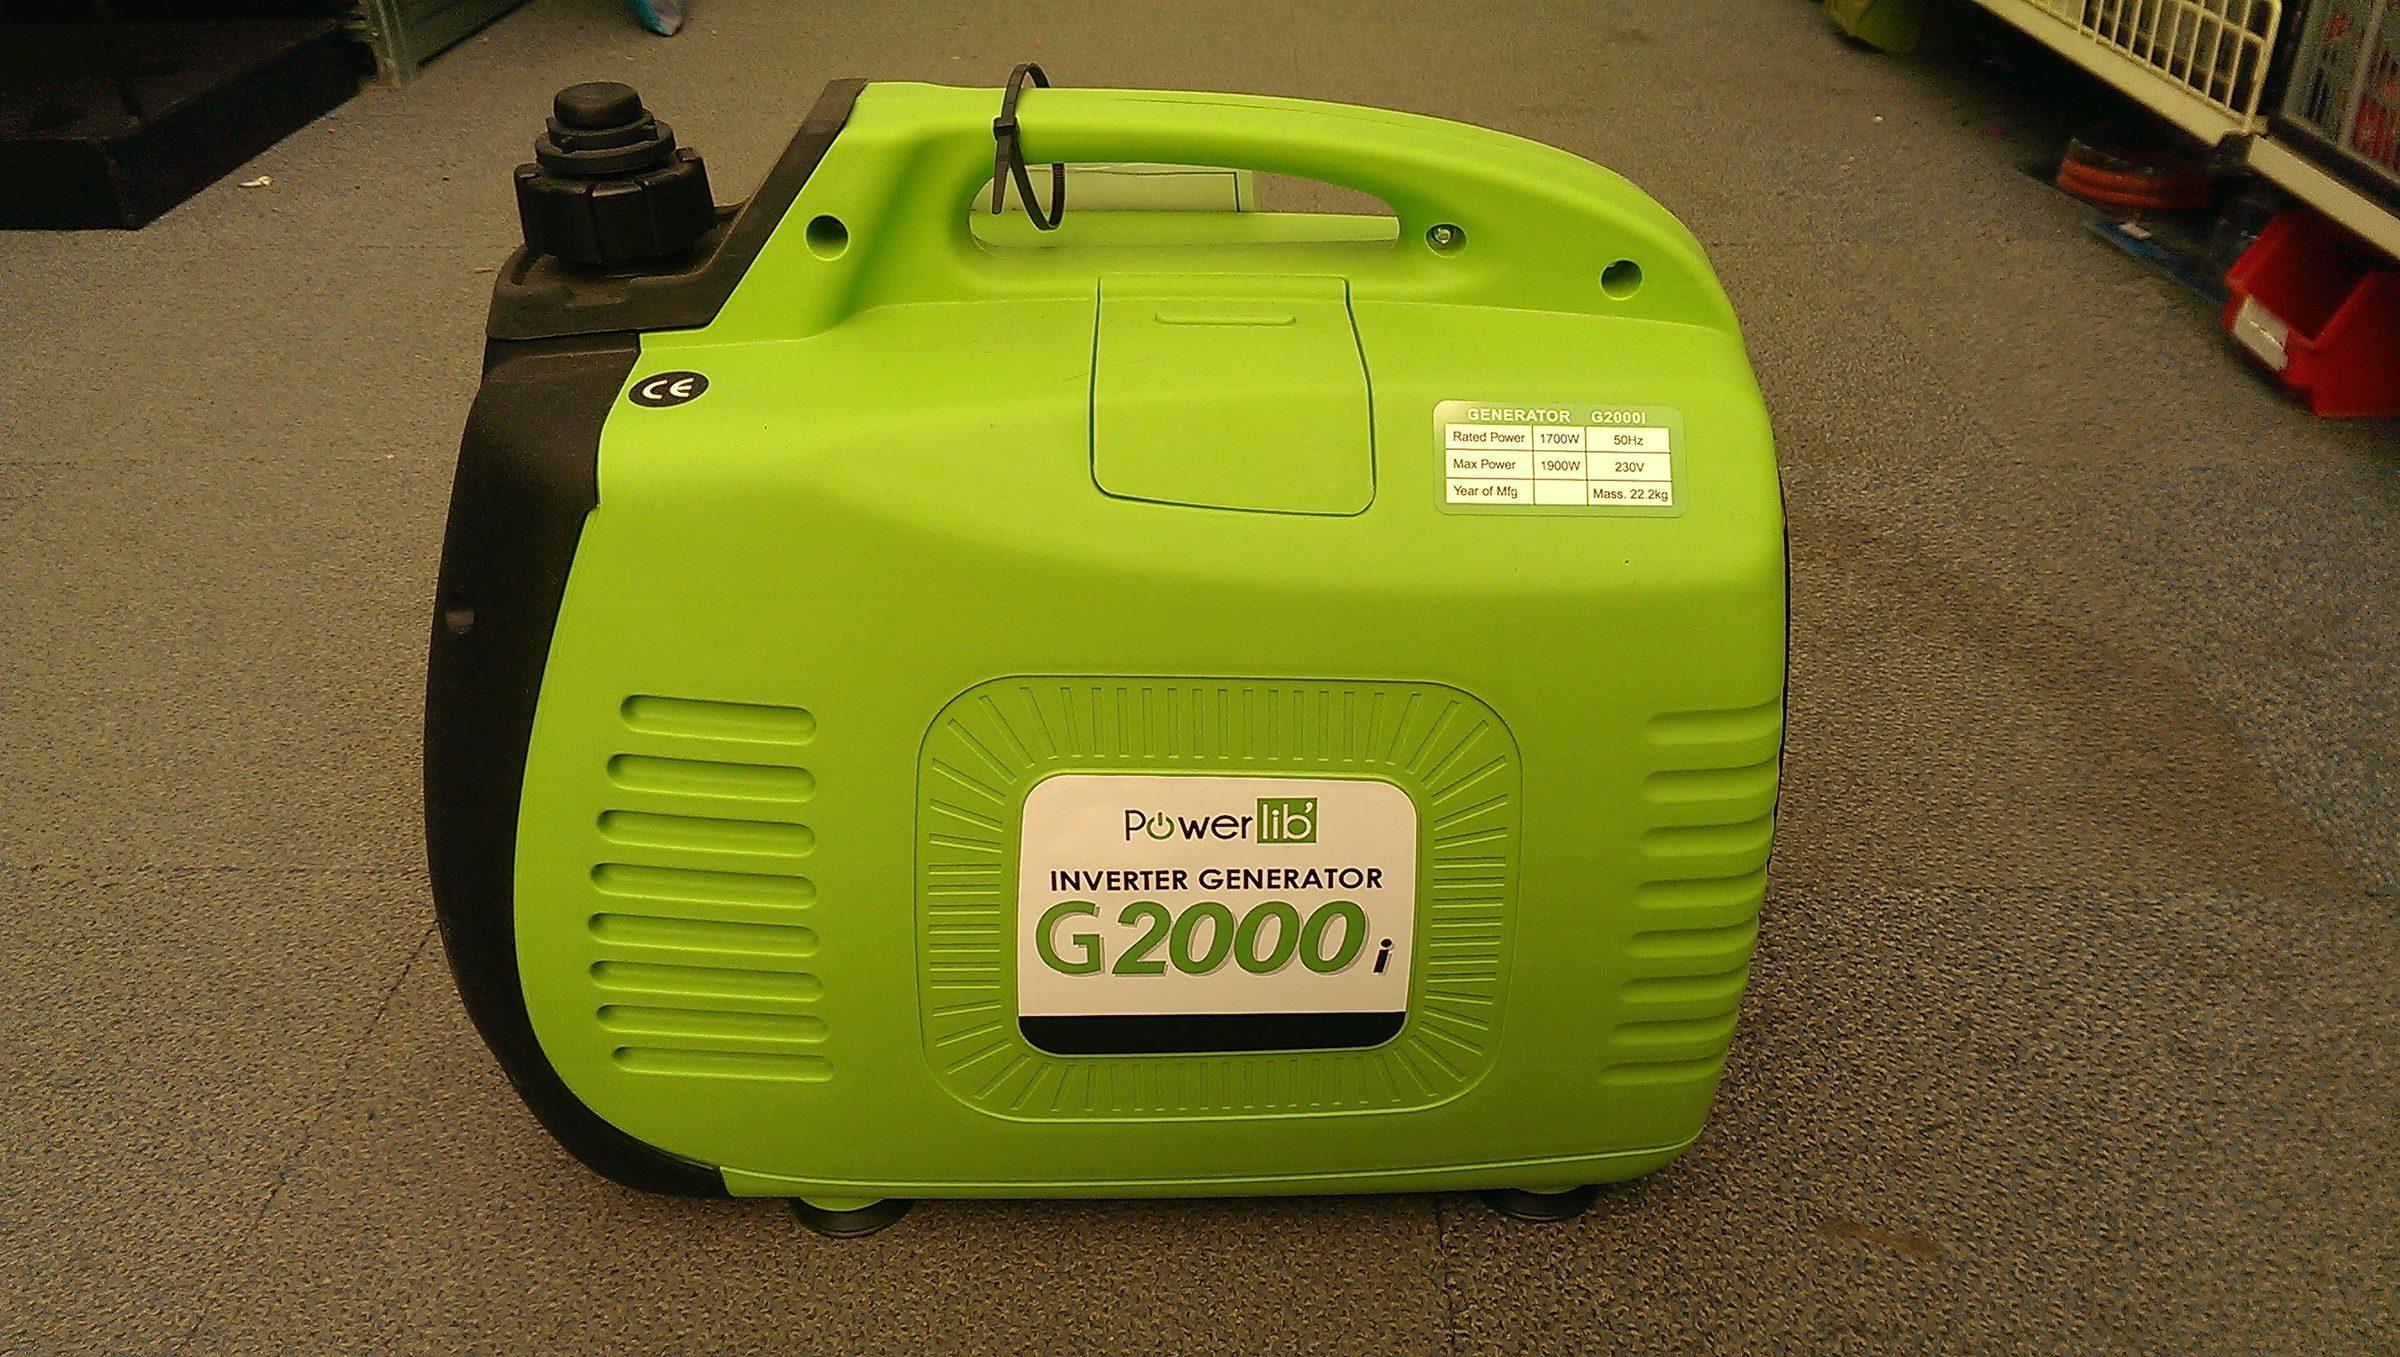 PowerLib Bayasun G2000i Portable Generator